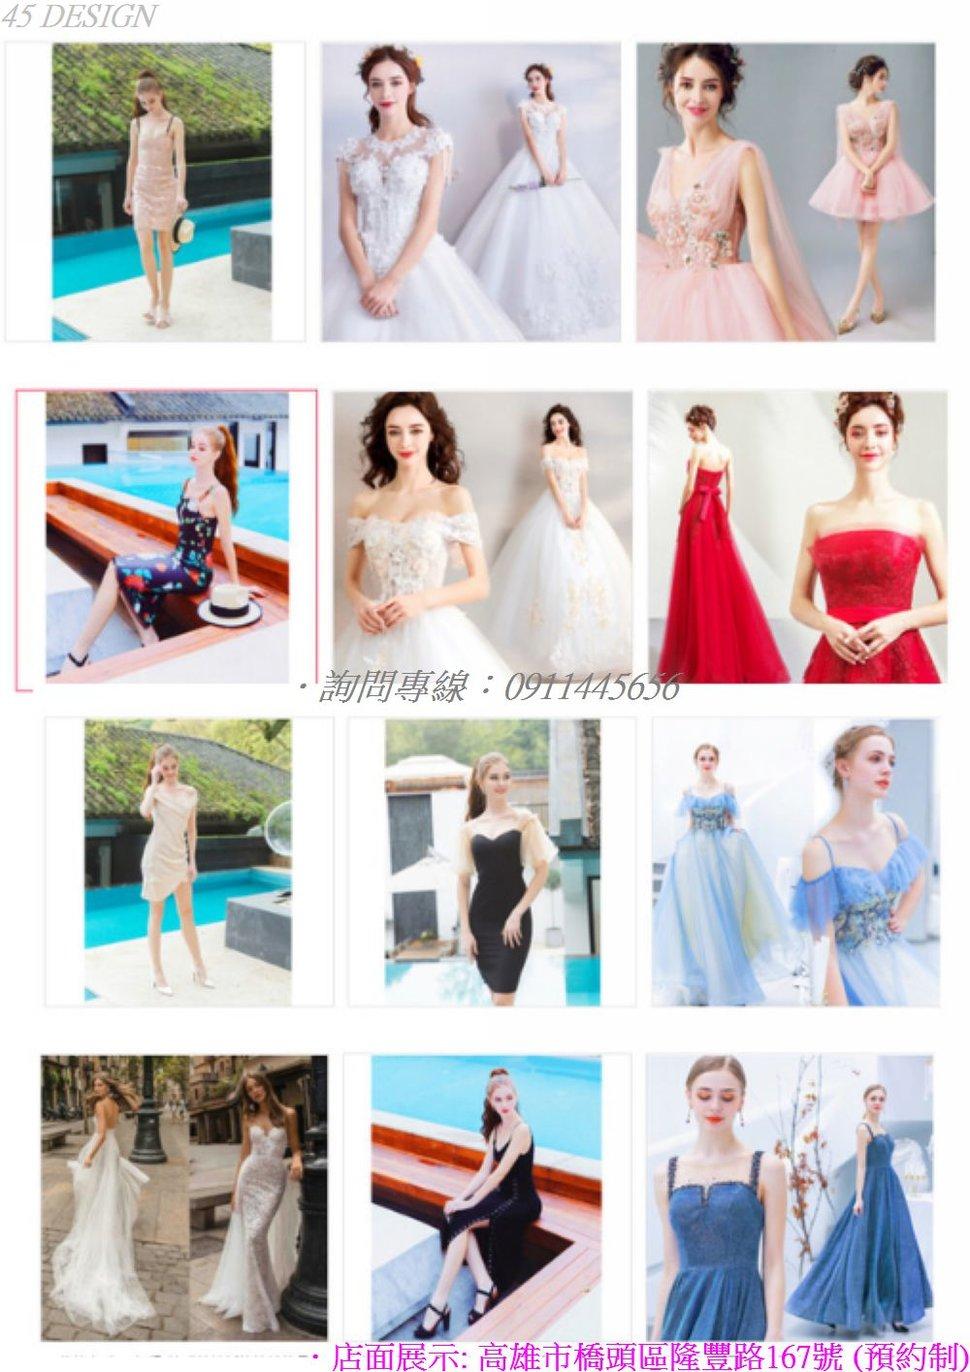 msl19081501CCC07A63704373BD4C3E5D092963B2 - 全台最便宜-45DESIGN四五婚紗禮服《結婚吧》